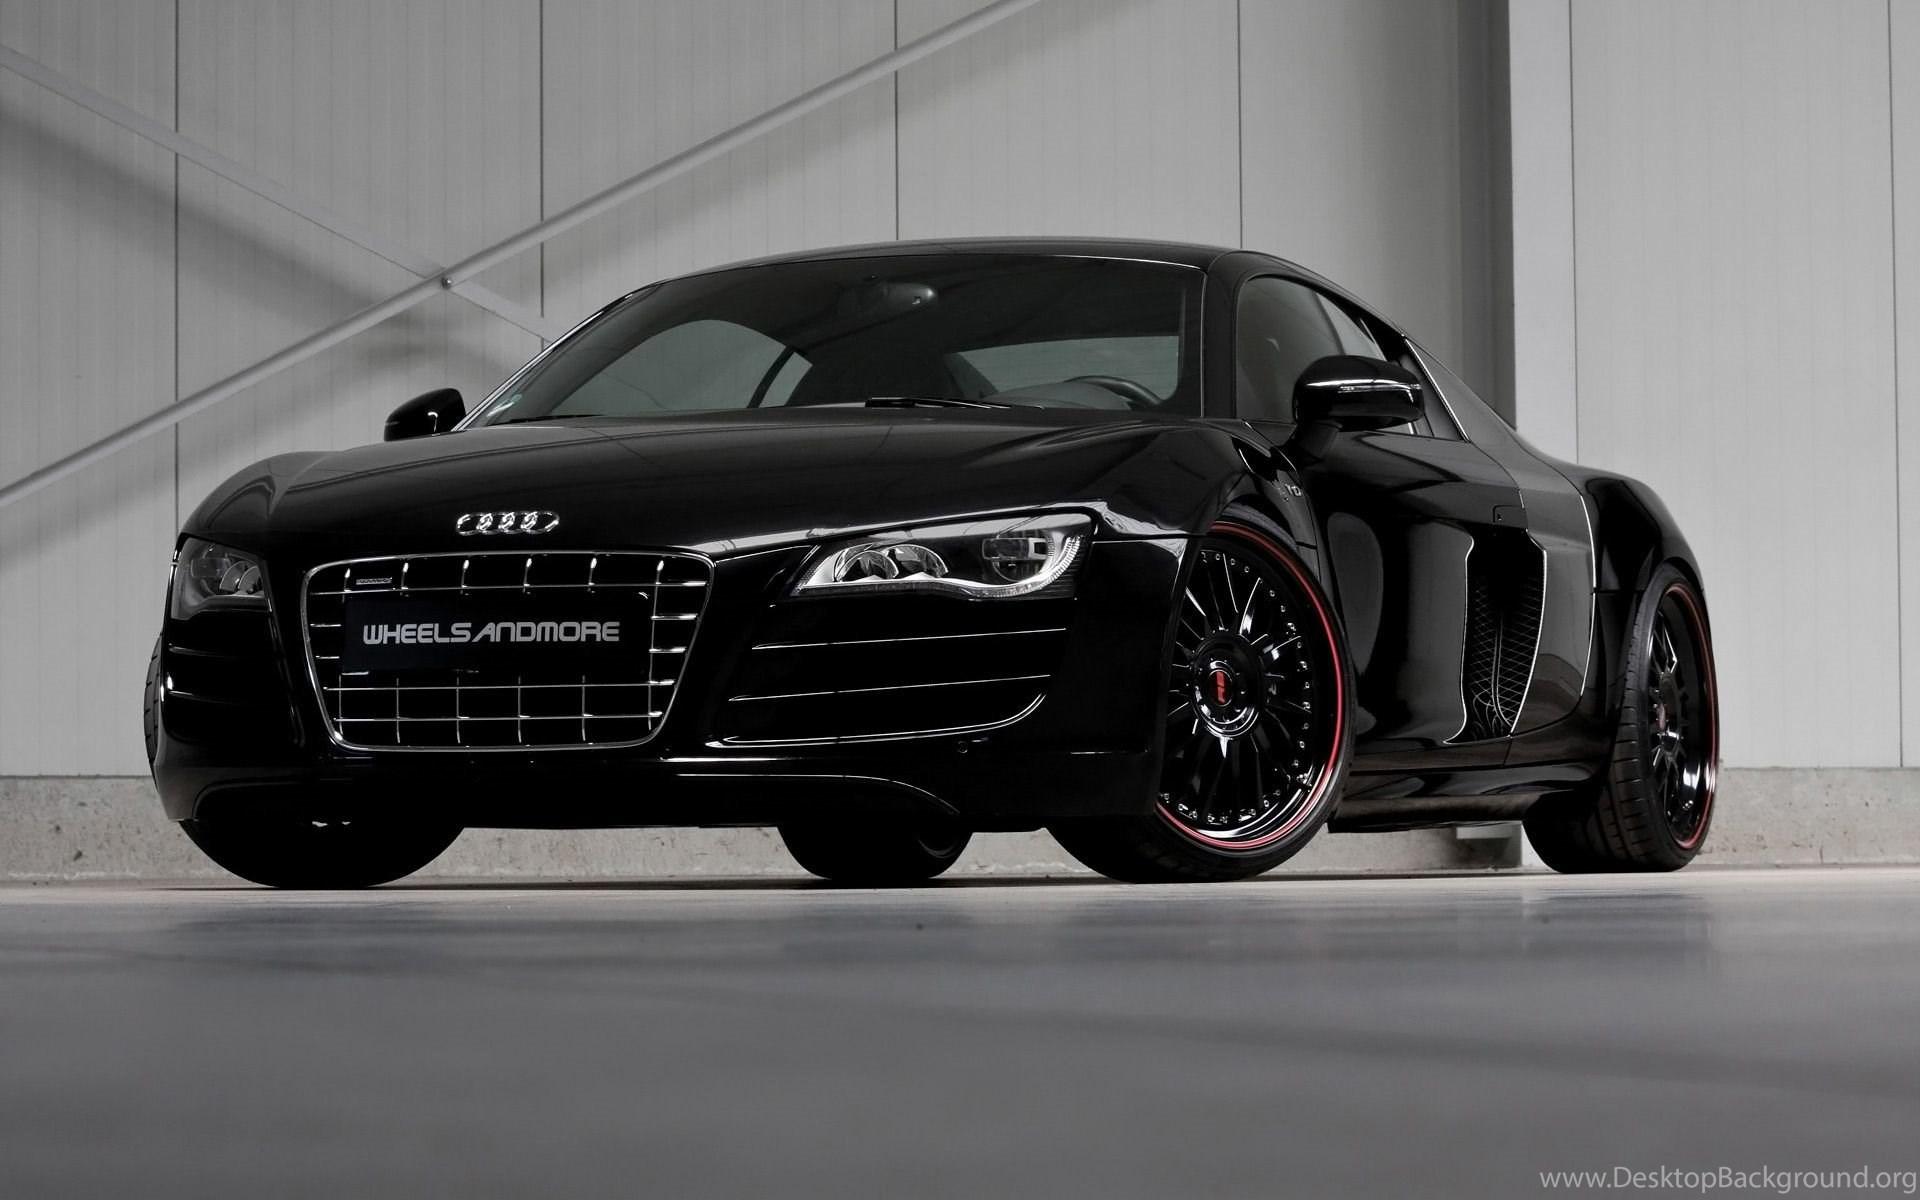 Audi R8 Matte Black Wallpapers Image Desktop Background